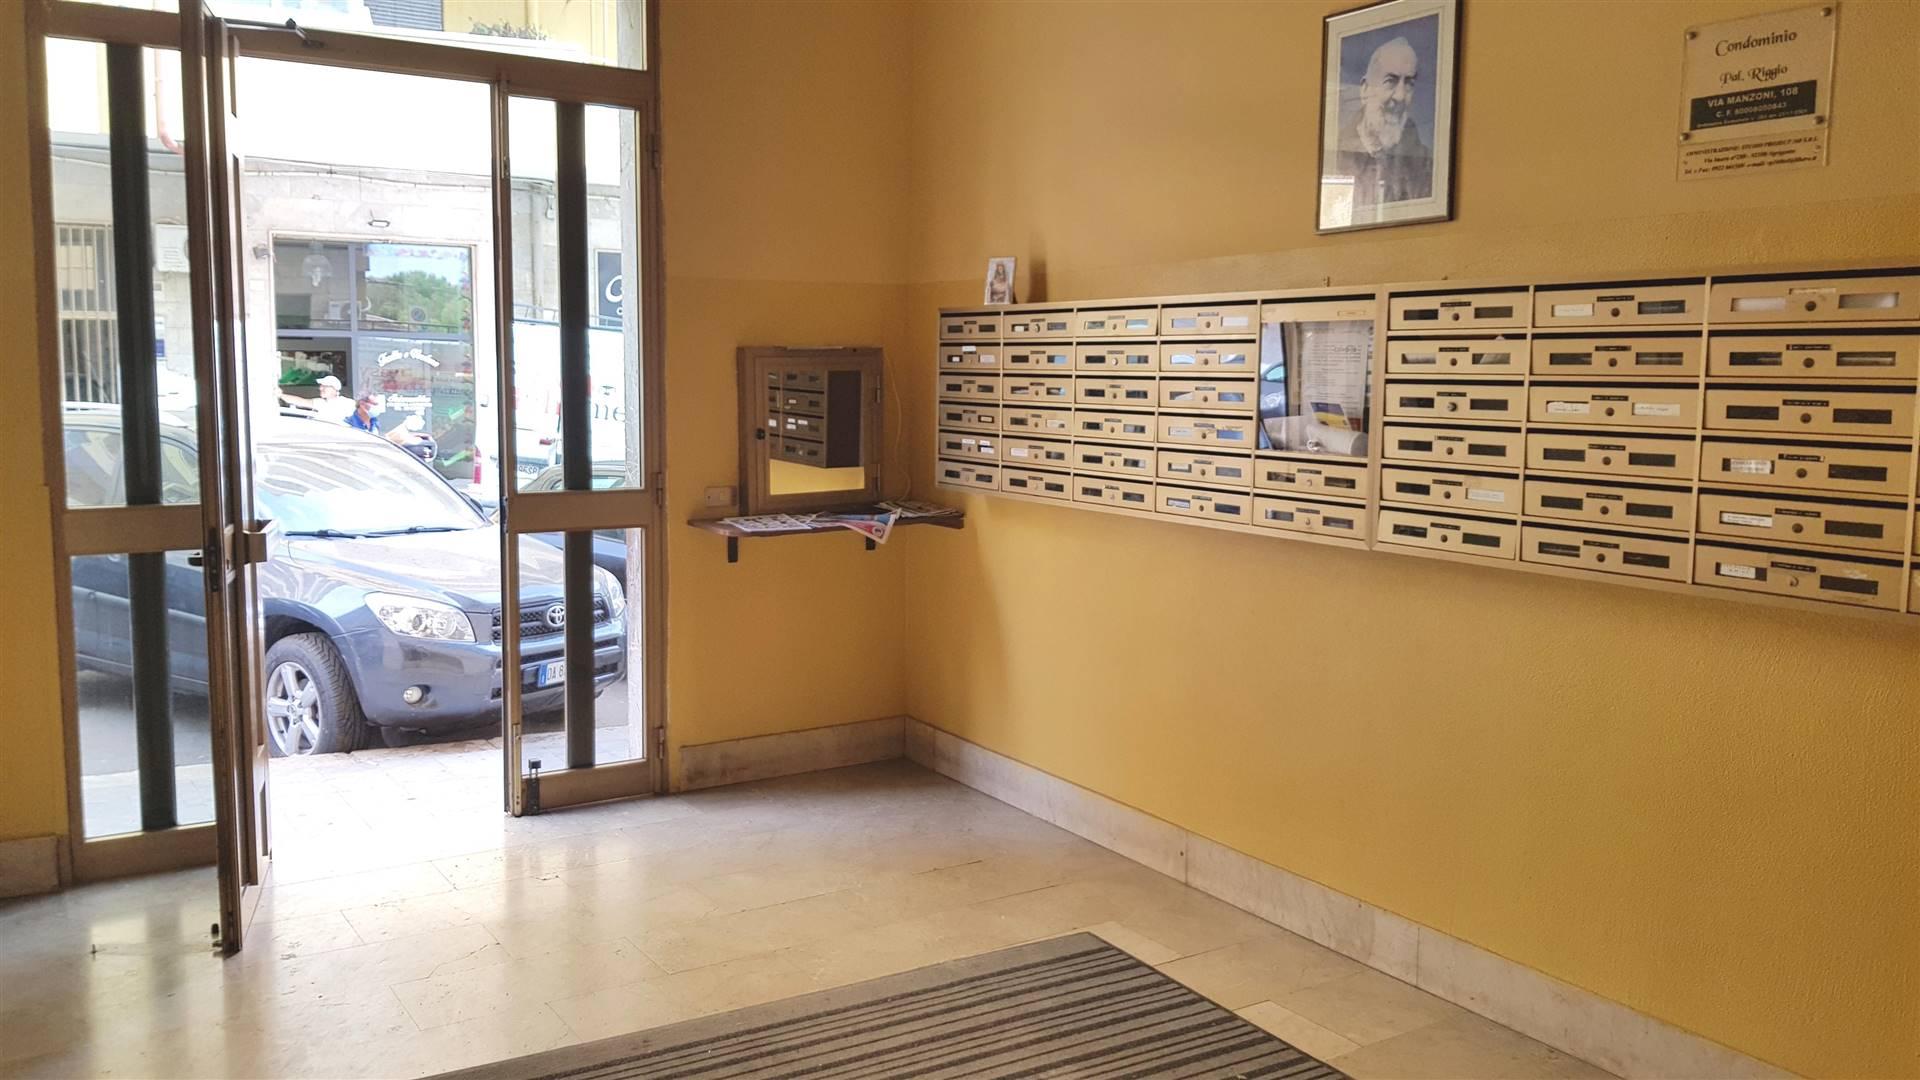 Appartamento in vendita a Agrigento, 5 locali, zona Località: CAMPO, prezzo € 75.000 | CambioCasa.it